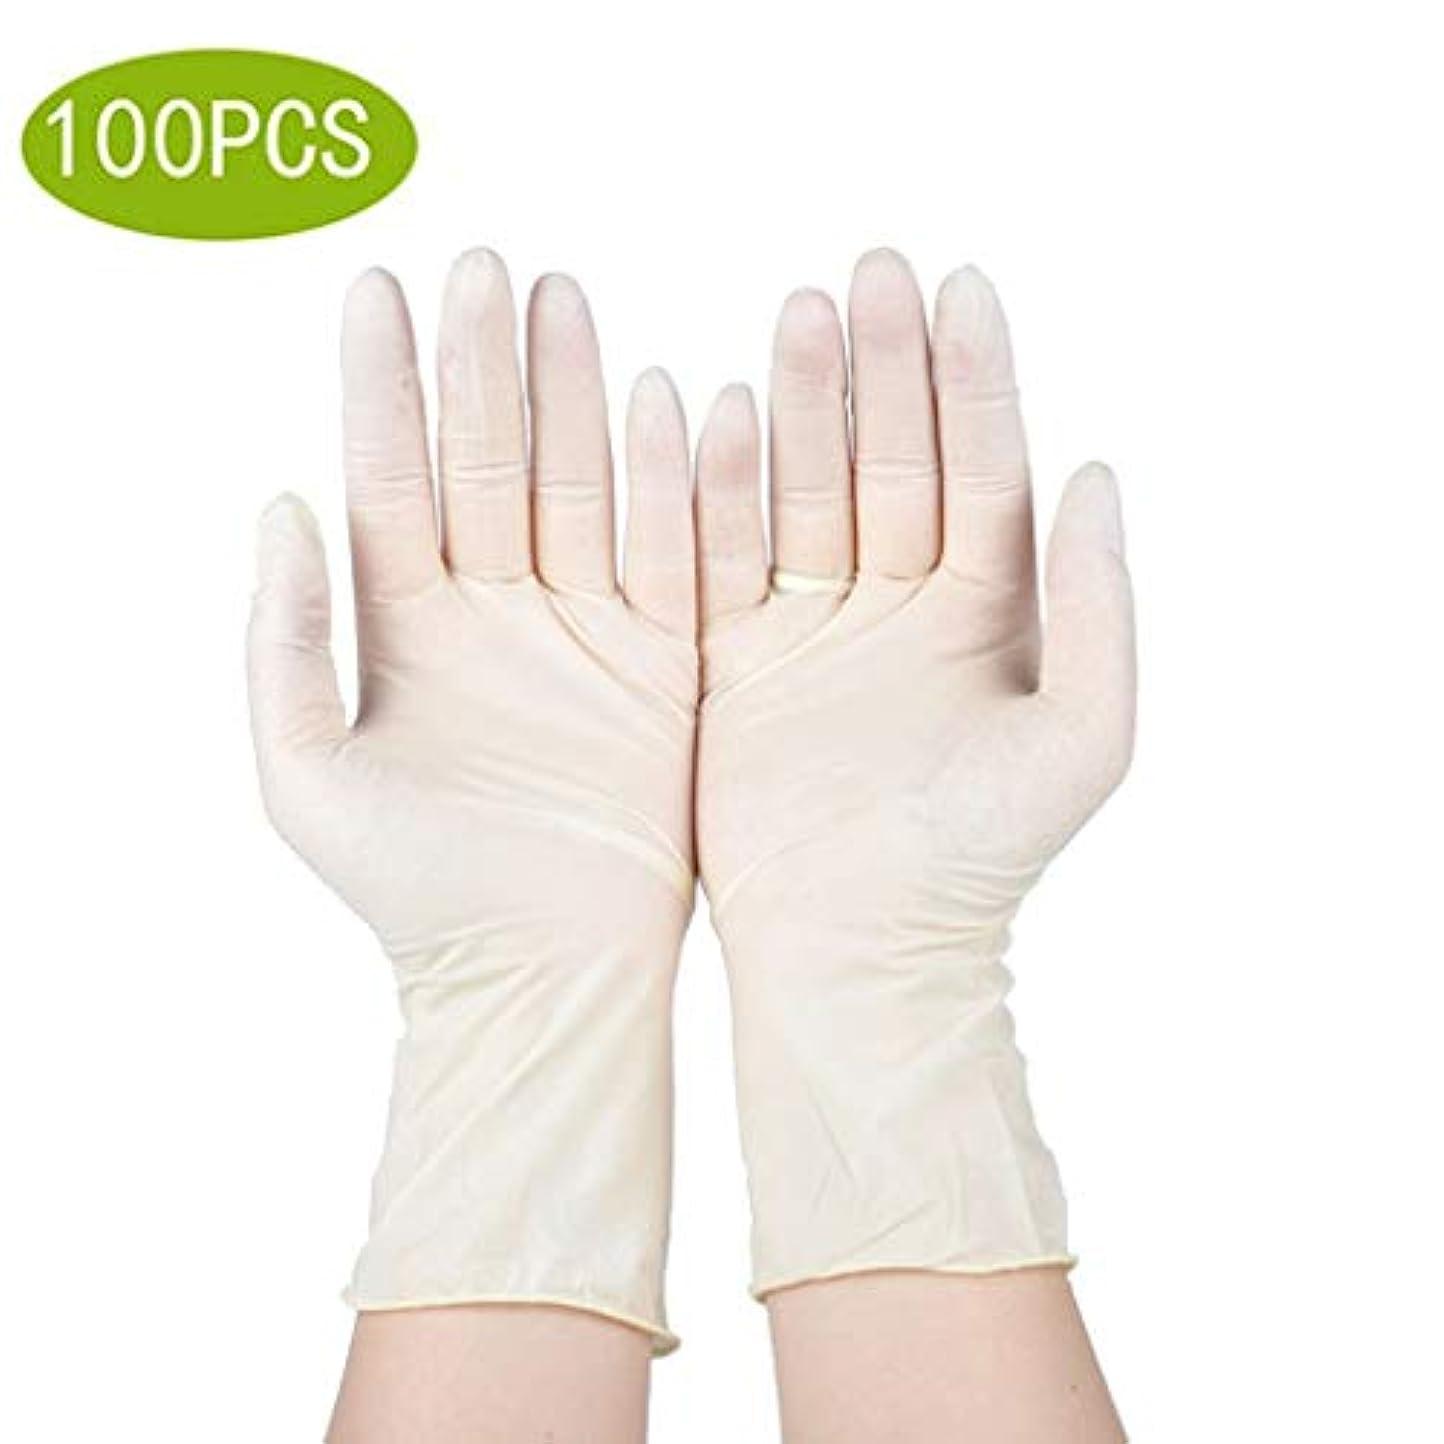 ブラウザステップリフトニトリル試験用手袋 - 医療用グレード、パウダーフリー、ラテックスラバーフリー、使い捨て、ラテックスグローブ食品安全ラテックスグローブ (Color : Latex Gloves, Size : L)